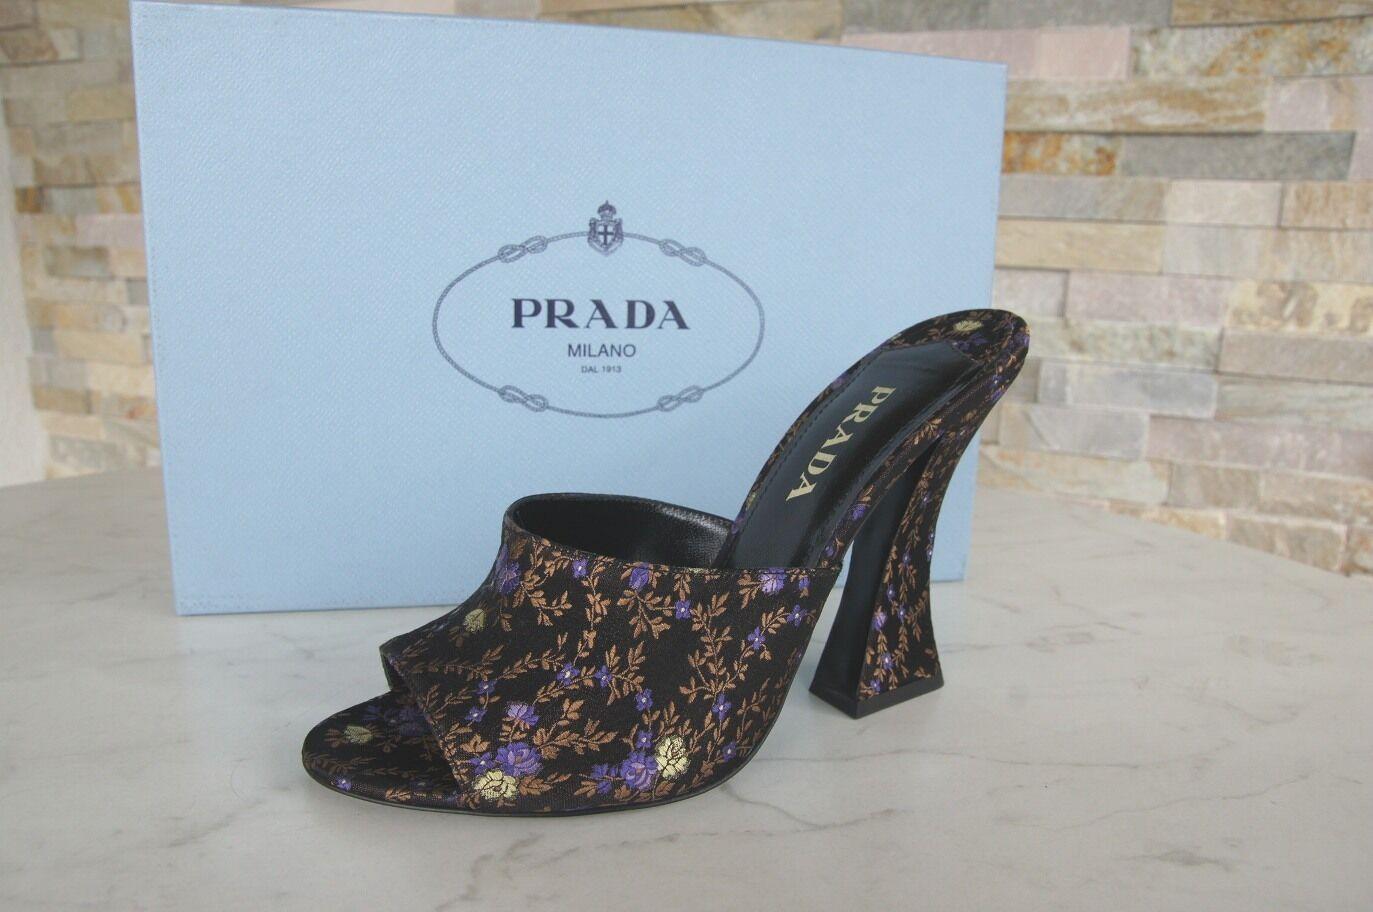 Prada sandalias sandalias heels zapatos negro floral nuevo PVP